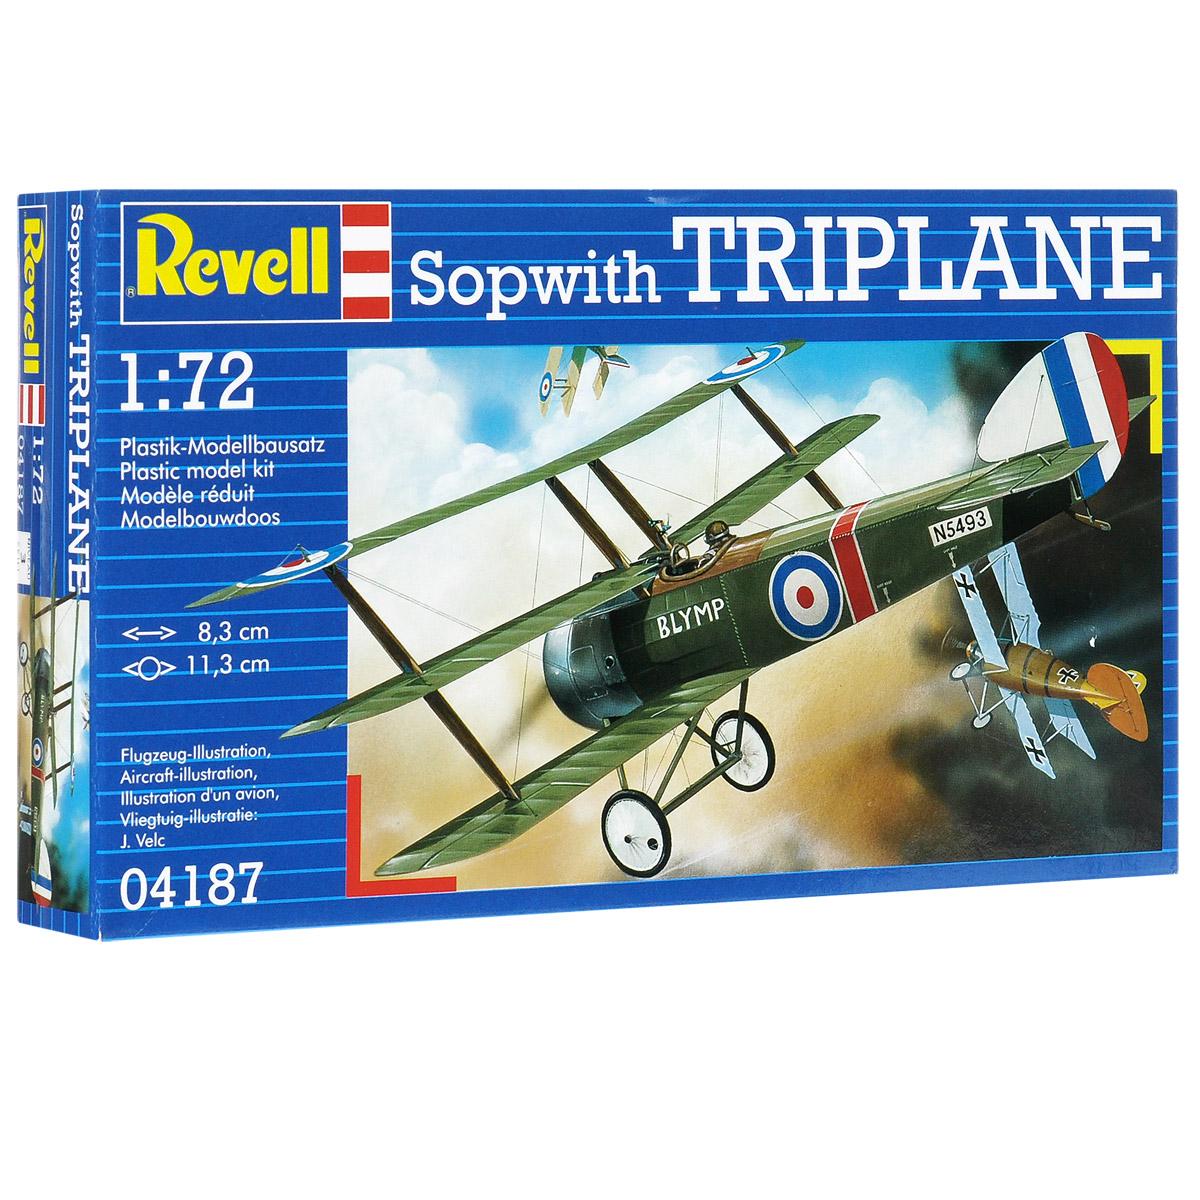 Сборная модель Revell Самолет Sopwith Triplane04187Сборная модель Revell Самолет Sopwith Triplane поможет вам и вашему ребенку придумать увлекательное занятие на долгое время. Набор включает в себя 23 пластиковых элемента, из которых можно собрать достоверную уменьшенную копию одноименного самолета. Sopwith Triplane - истребитель-триплан ВВС Великобритании времен Первой мировой войны. Самолет успешно использовался с начала 1917 года, пока не был заменен выпущенным в конце 1917 года бипланом Sopwith Camel, после чего использовался для обучения пилотов. Также в наборе схематичная инструкция по сборке. Процесс сборки развивает интеллектуальные и инструментальные способности, воображение и конструктивное мышление, а также прививает практические навыки работы со схемами и чертежами. Уровень сложности: 3. УВАЖАЕМЫЕ КЛИЕНТЫ! Обращаем ваше внимание на тот факт, что элементы для сборки не покрашены. Клей и краски в комплект не входят.